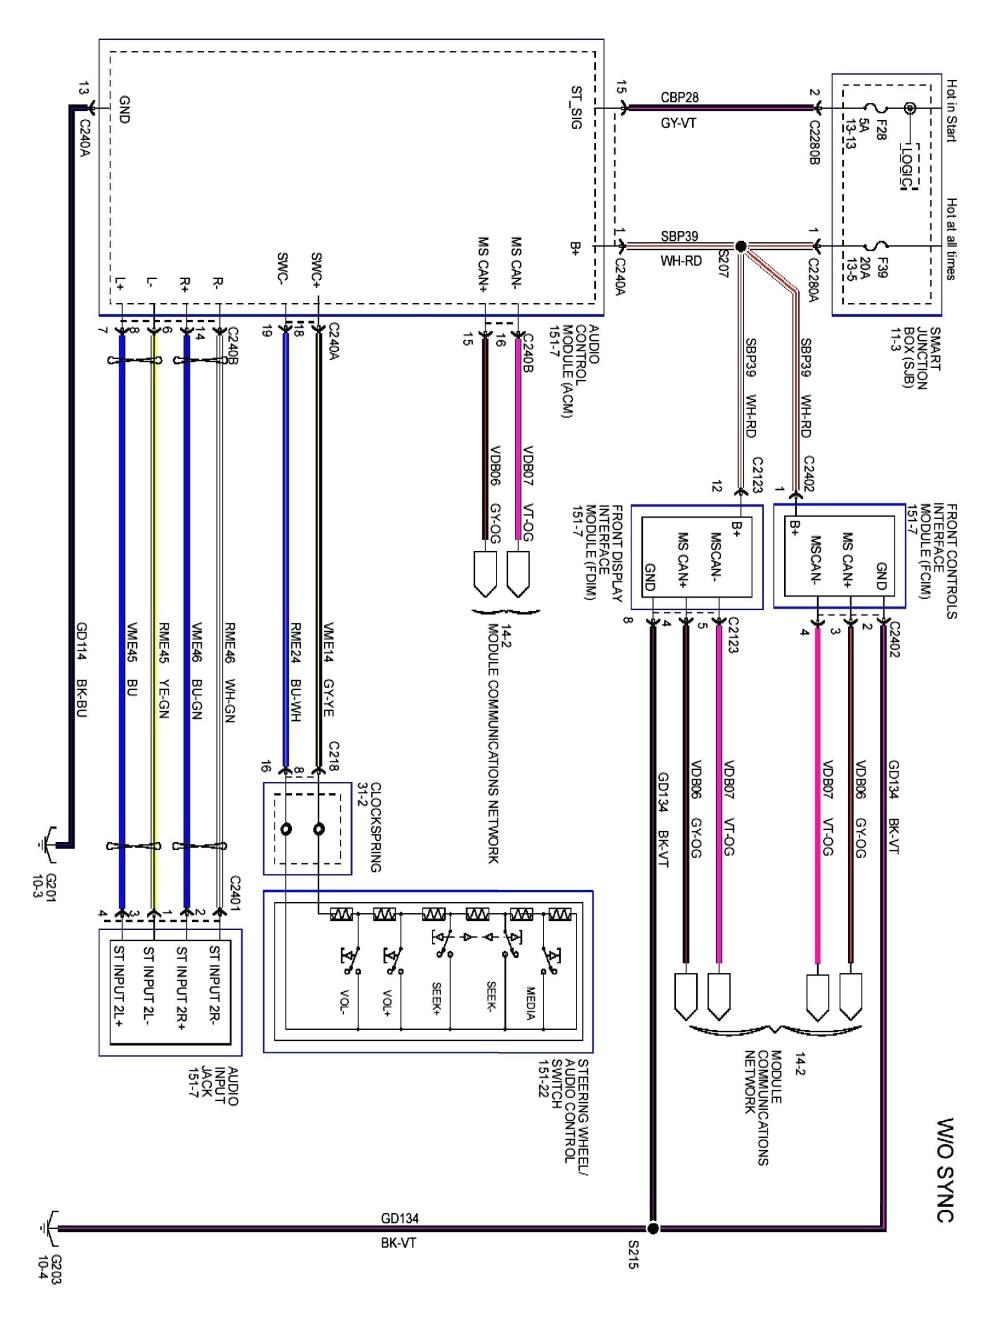 medium resolution of 2006 kia sedona engine diagram kia automotive wiring diagrams books wiring diagram of 2006 kia